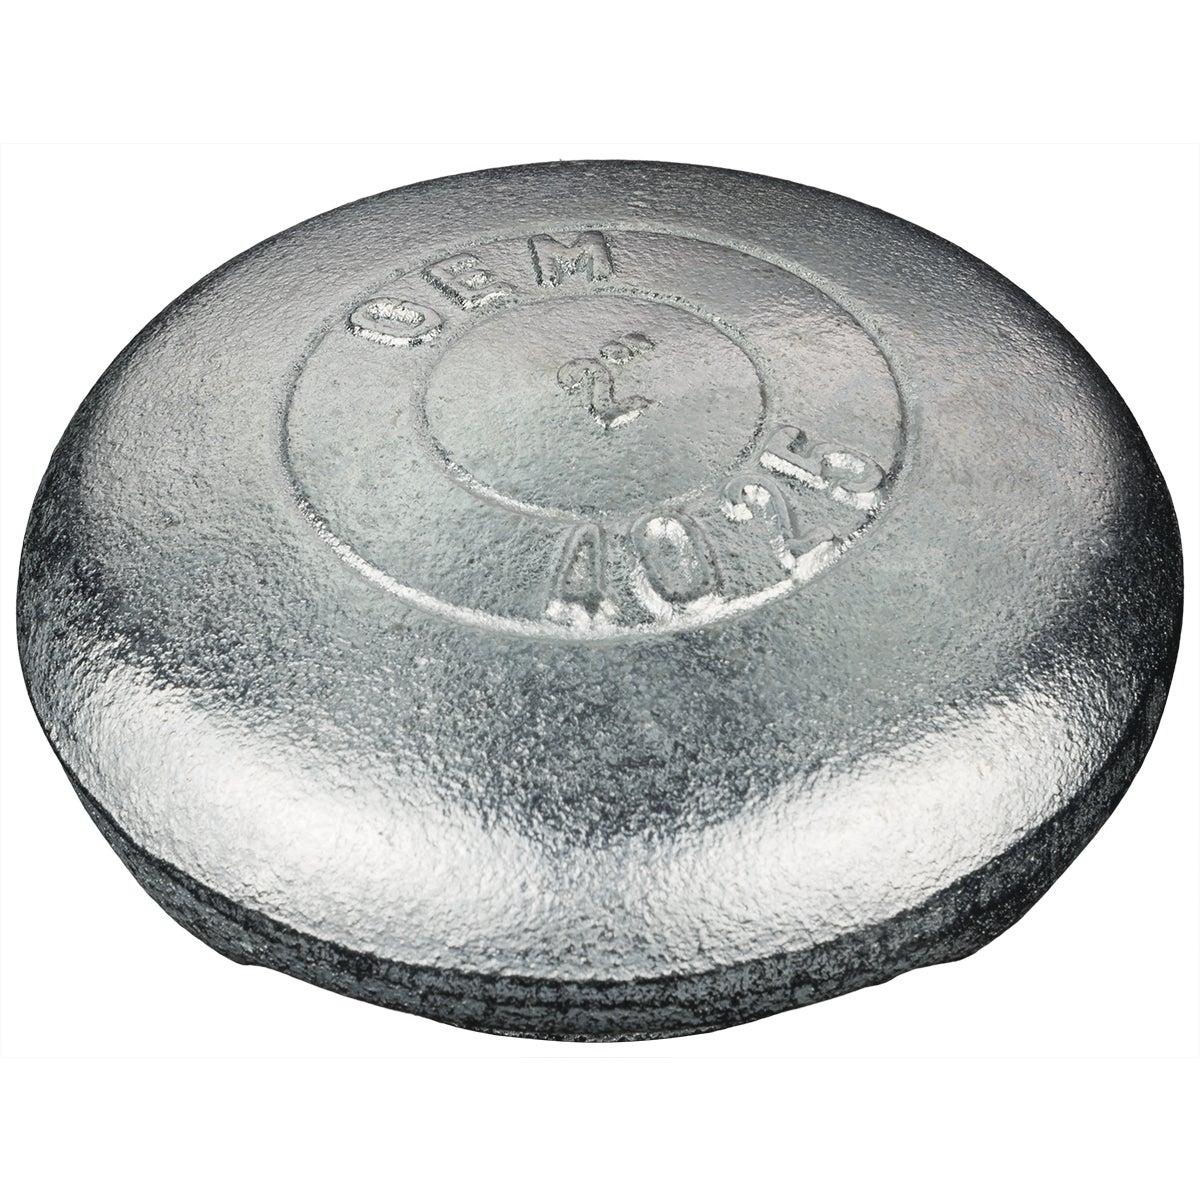 2 MSHRM OIL TNK VENT CAP